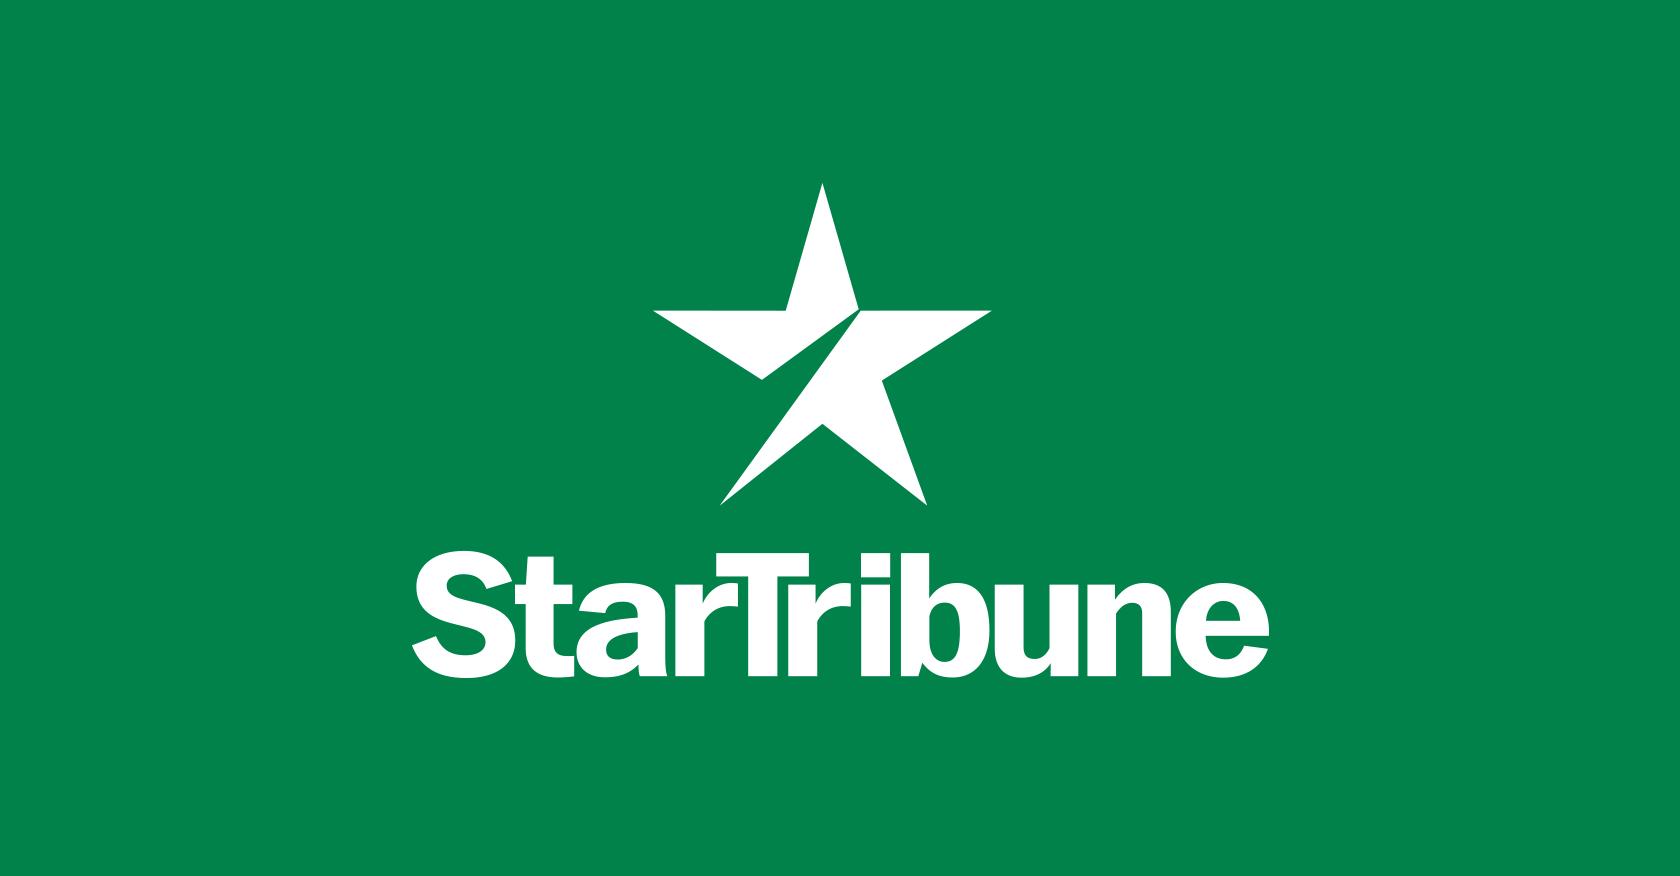 le aziende fintech stanno lottando per i tuoi risparmi con alti rendimenti star tribune 2 - Le aziende Fintech stanno lottando per i tuoi risparmi con alti rendimenti - Star Tribune